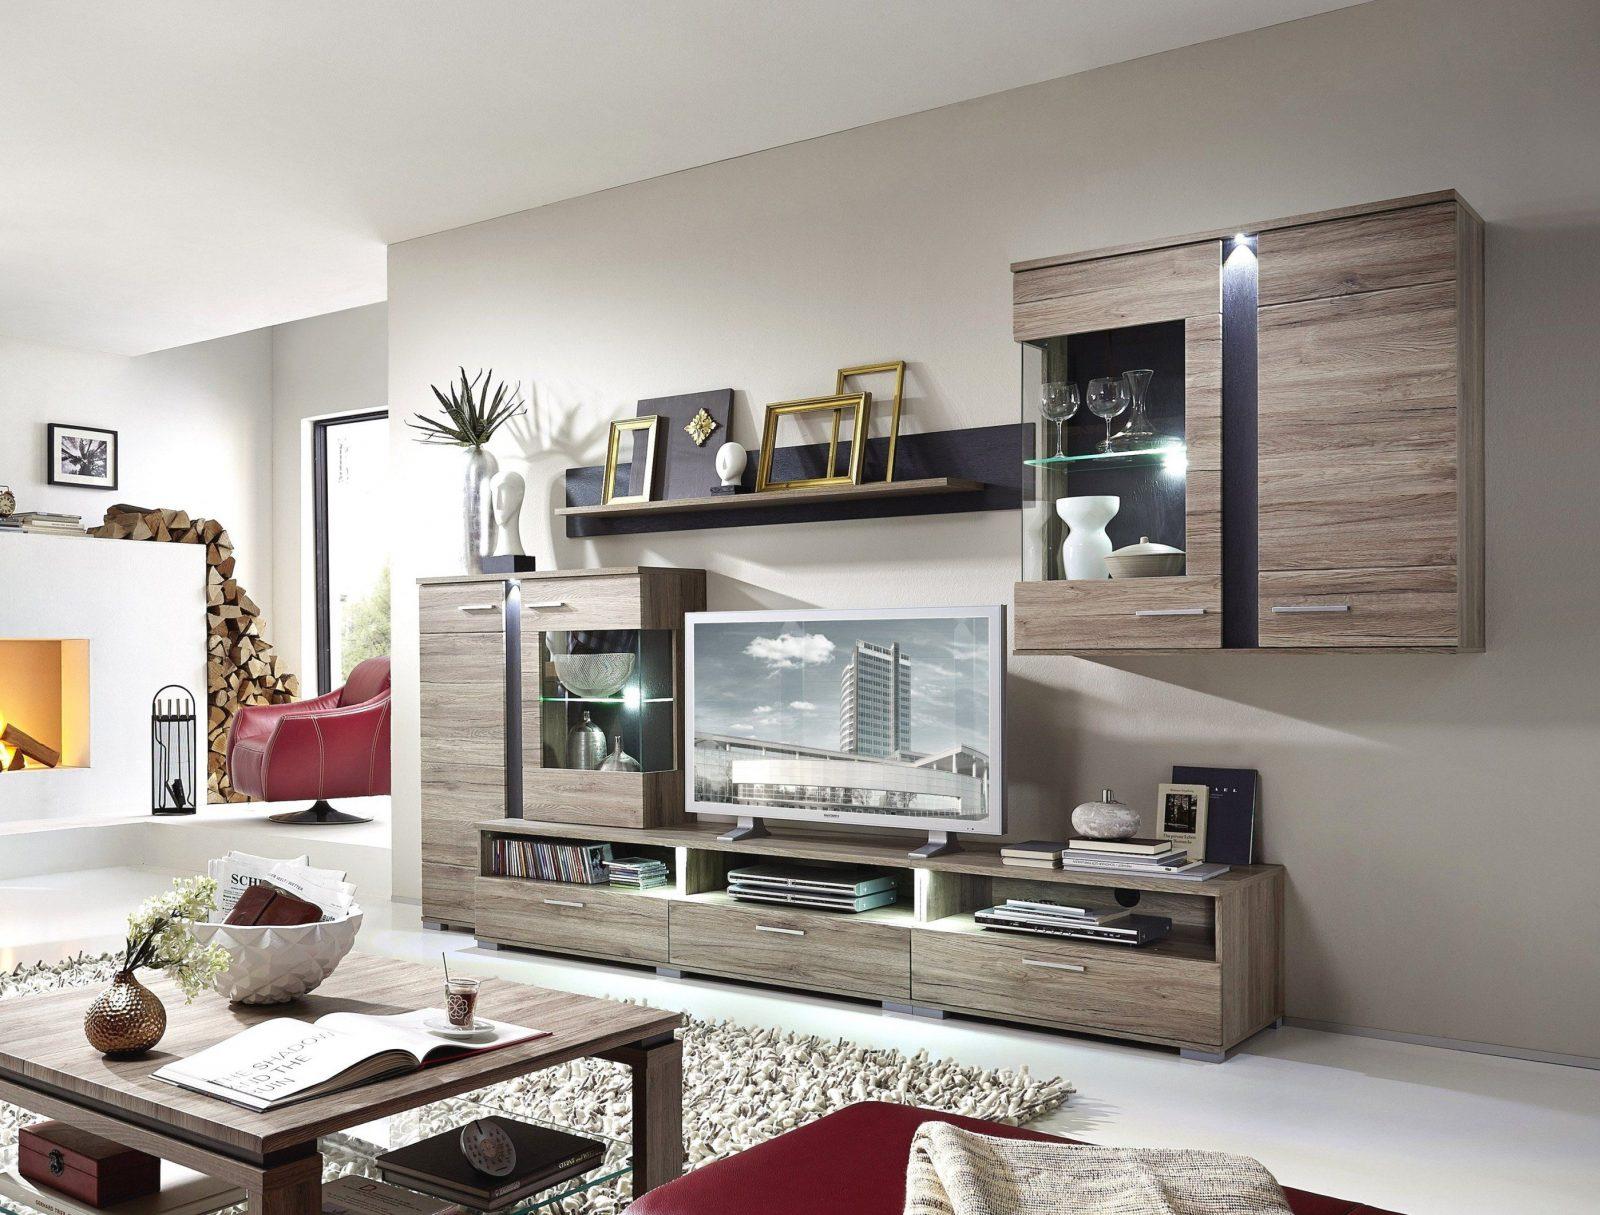 Welche Wandfarbe Passt Zu Braunen Möbeln Best Of Dunkle Möbel Welche Von  Wandfarbe Zu Braunen Möbeln Bild